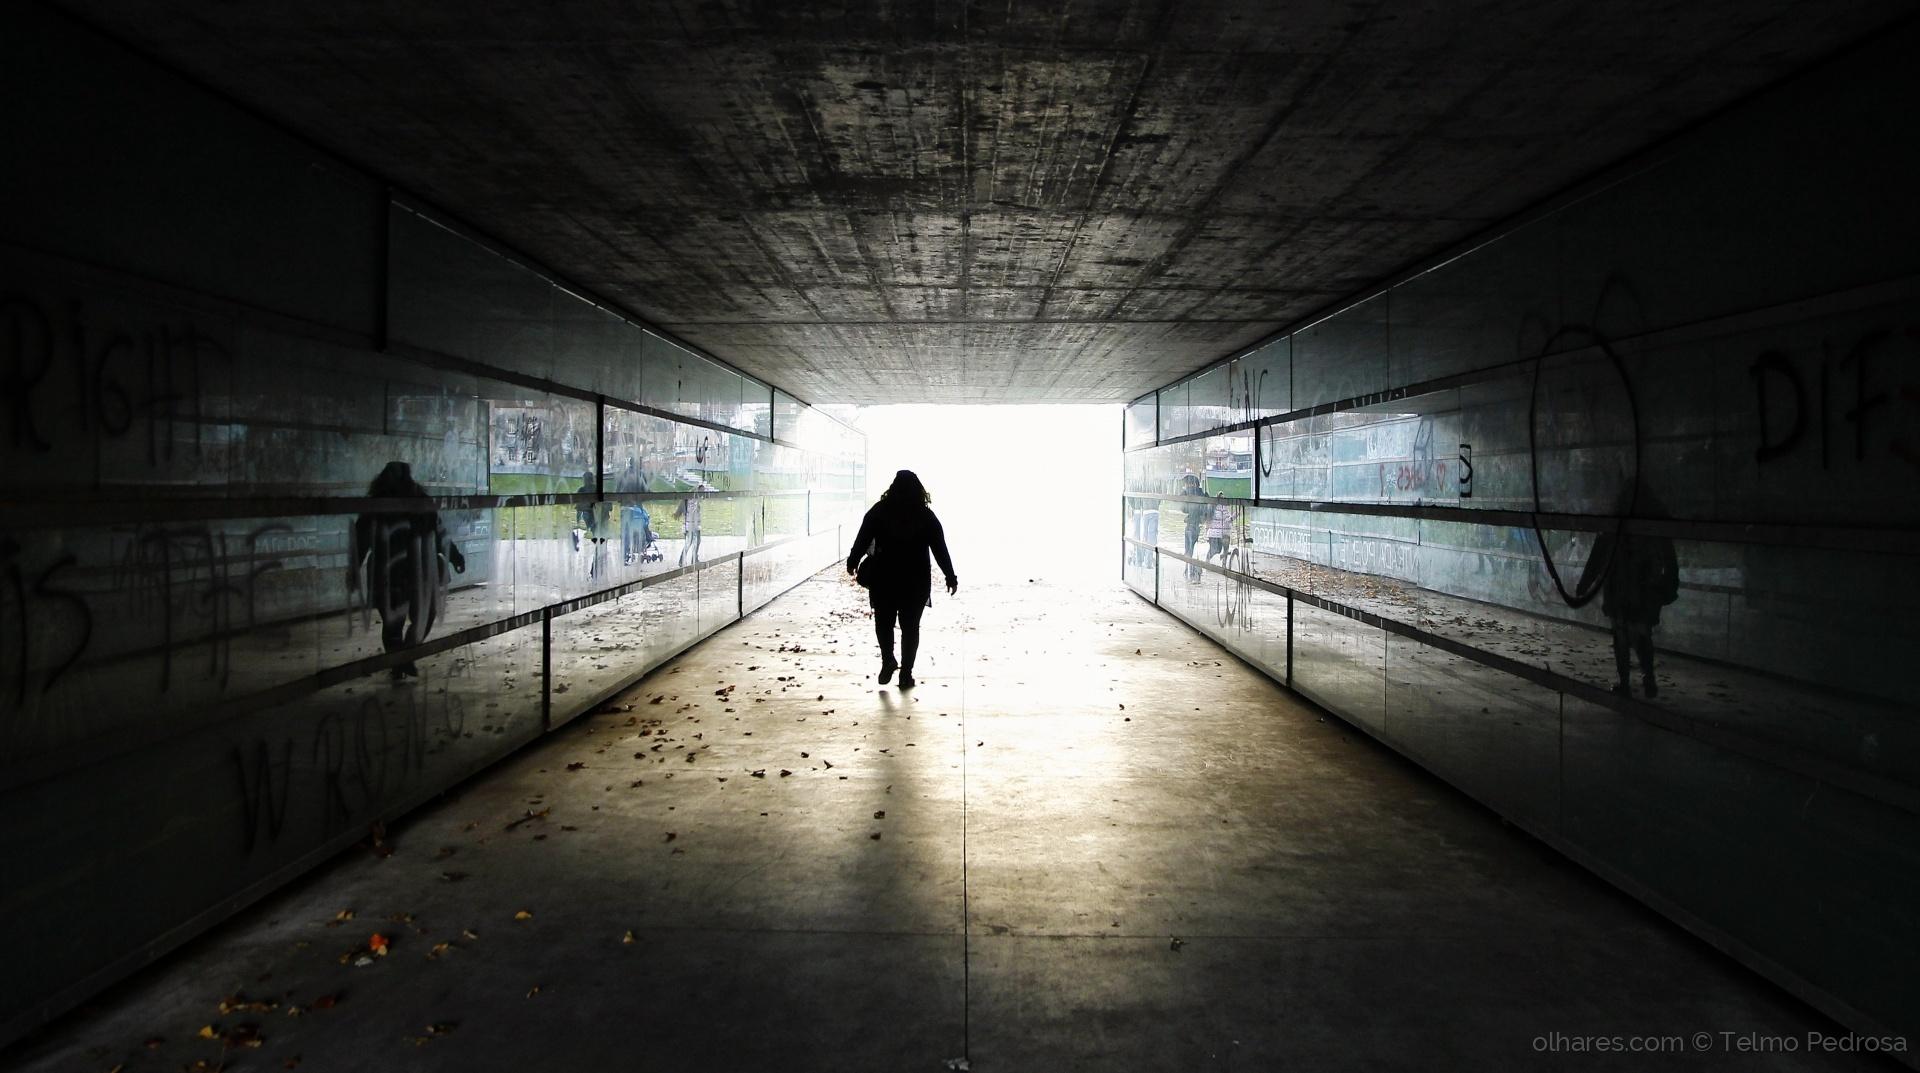 Paisagem Urbana/Caminhando das trevas para a luz